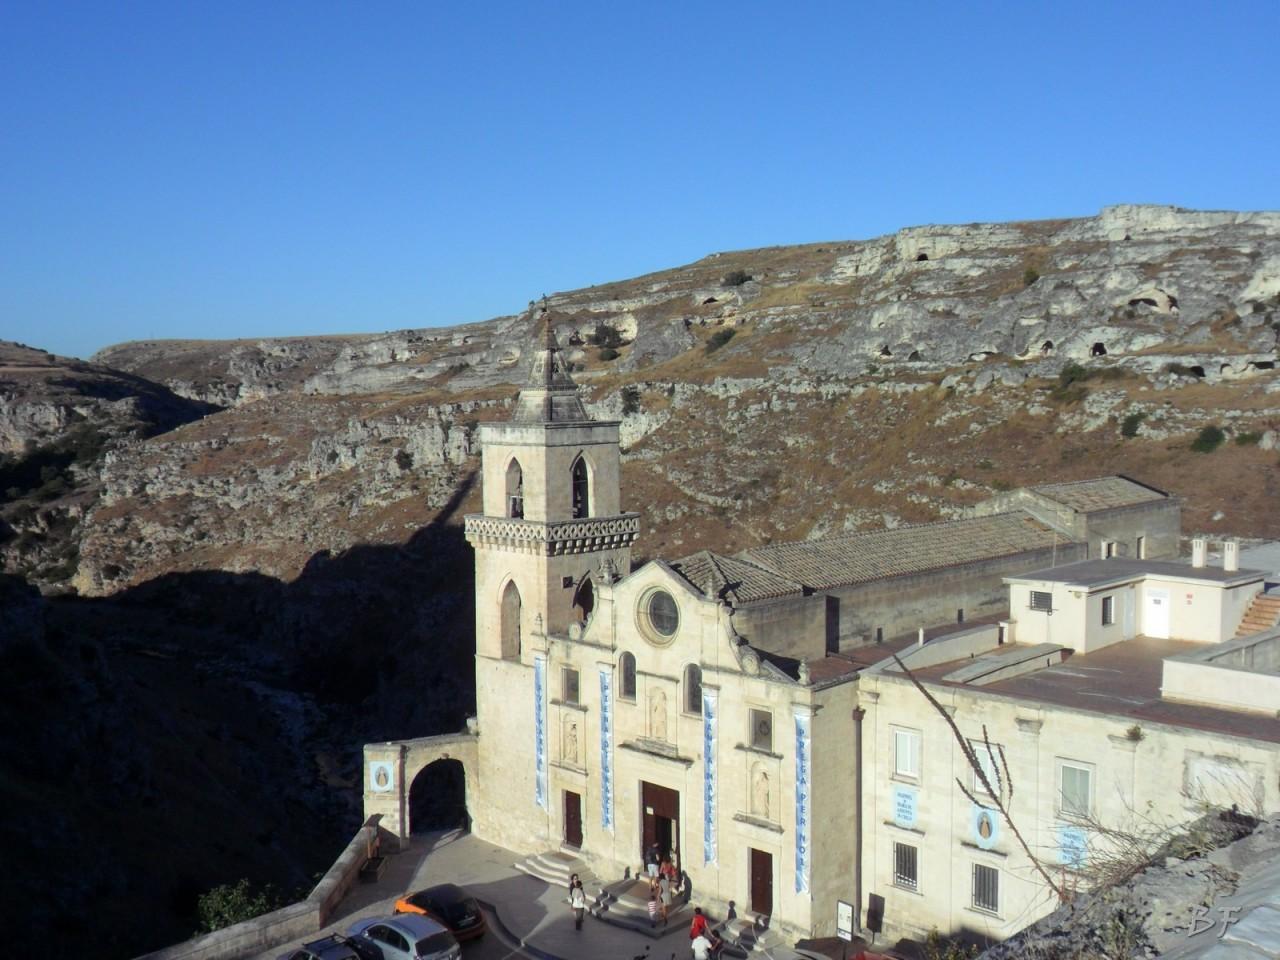 Sasso-Caveoso-Edifici-Rupestri-Megaliti-Sassi-di-Matera-basilicata-Italia-15